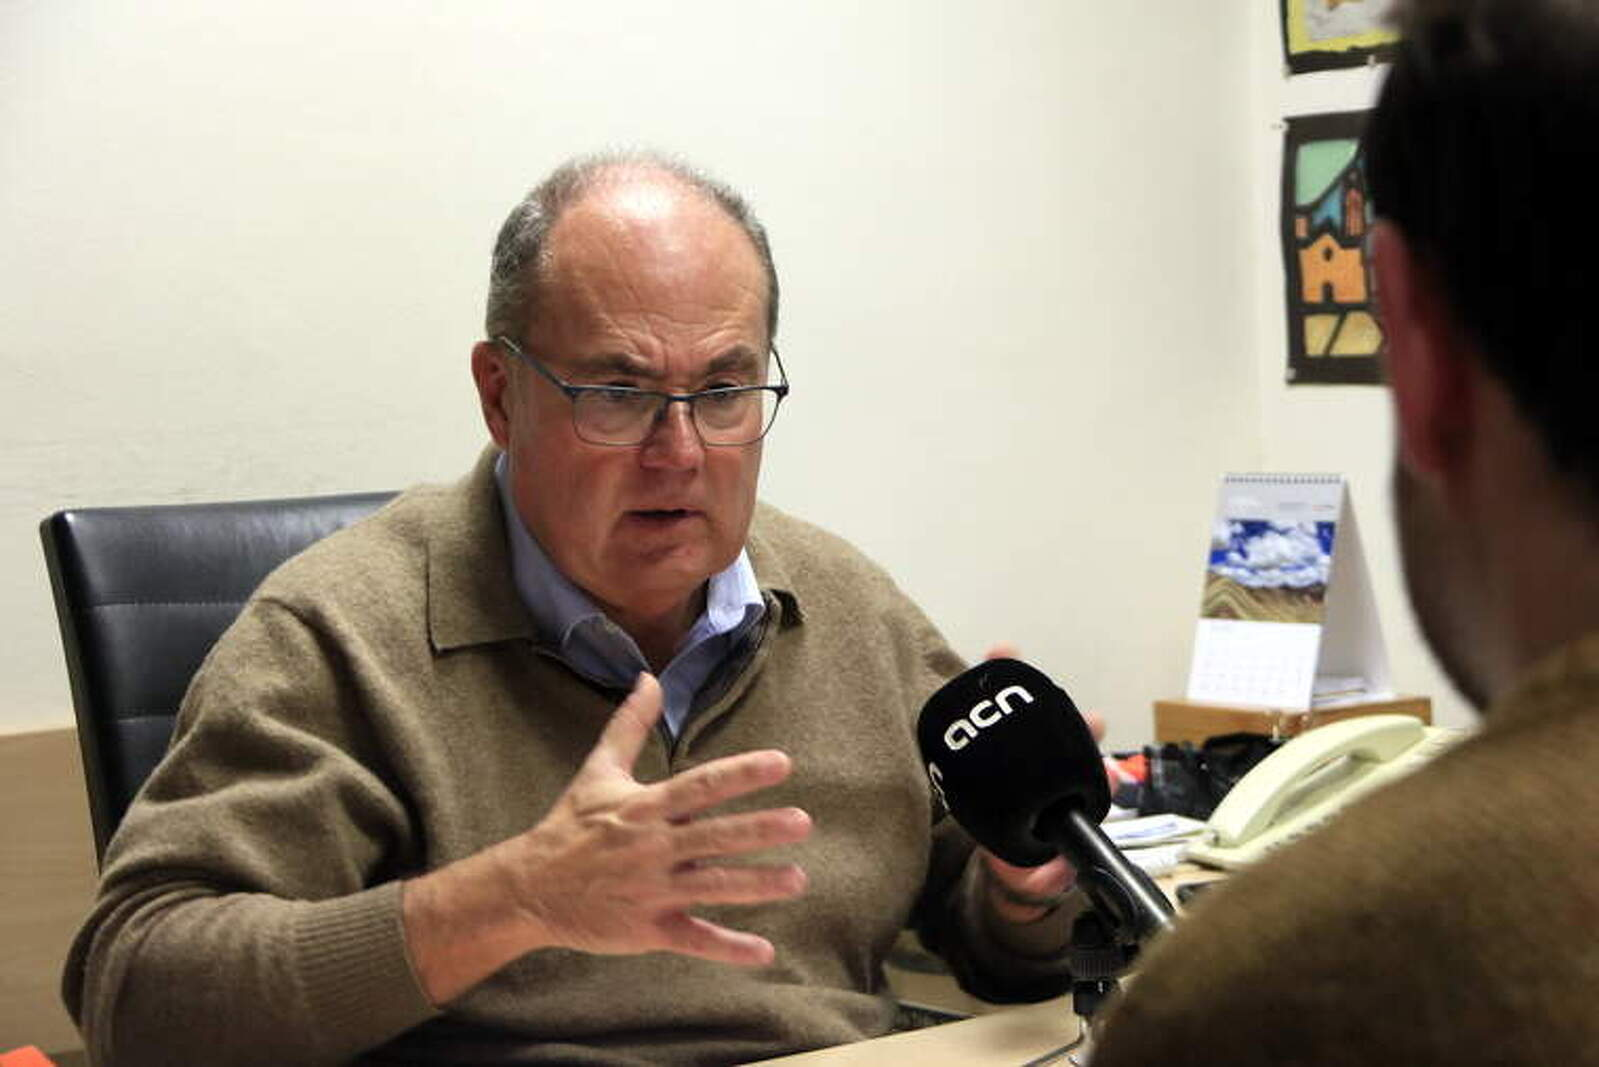 El cap del Servei de Medicina Preventiva i Epidemiologia de l'Hospital Clínic de Barcelona, el doctor Antoni Trilla